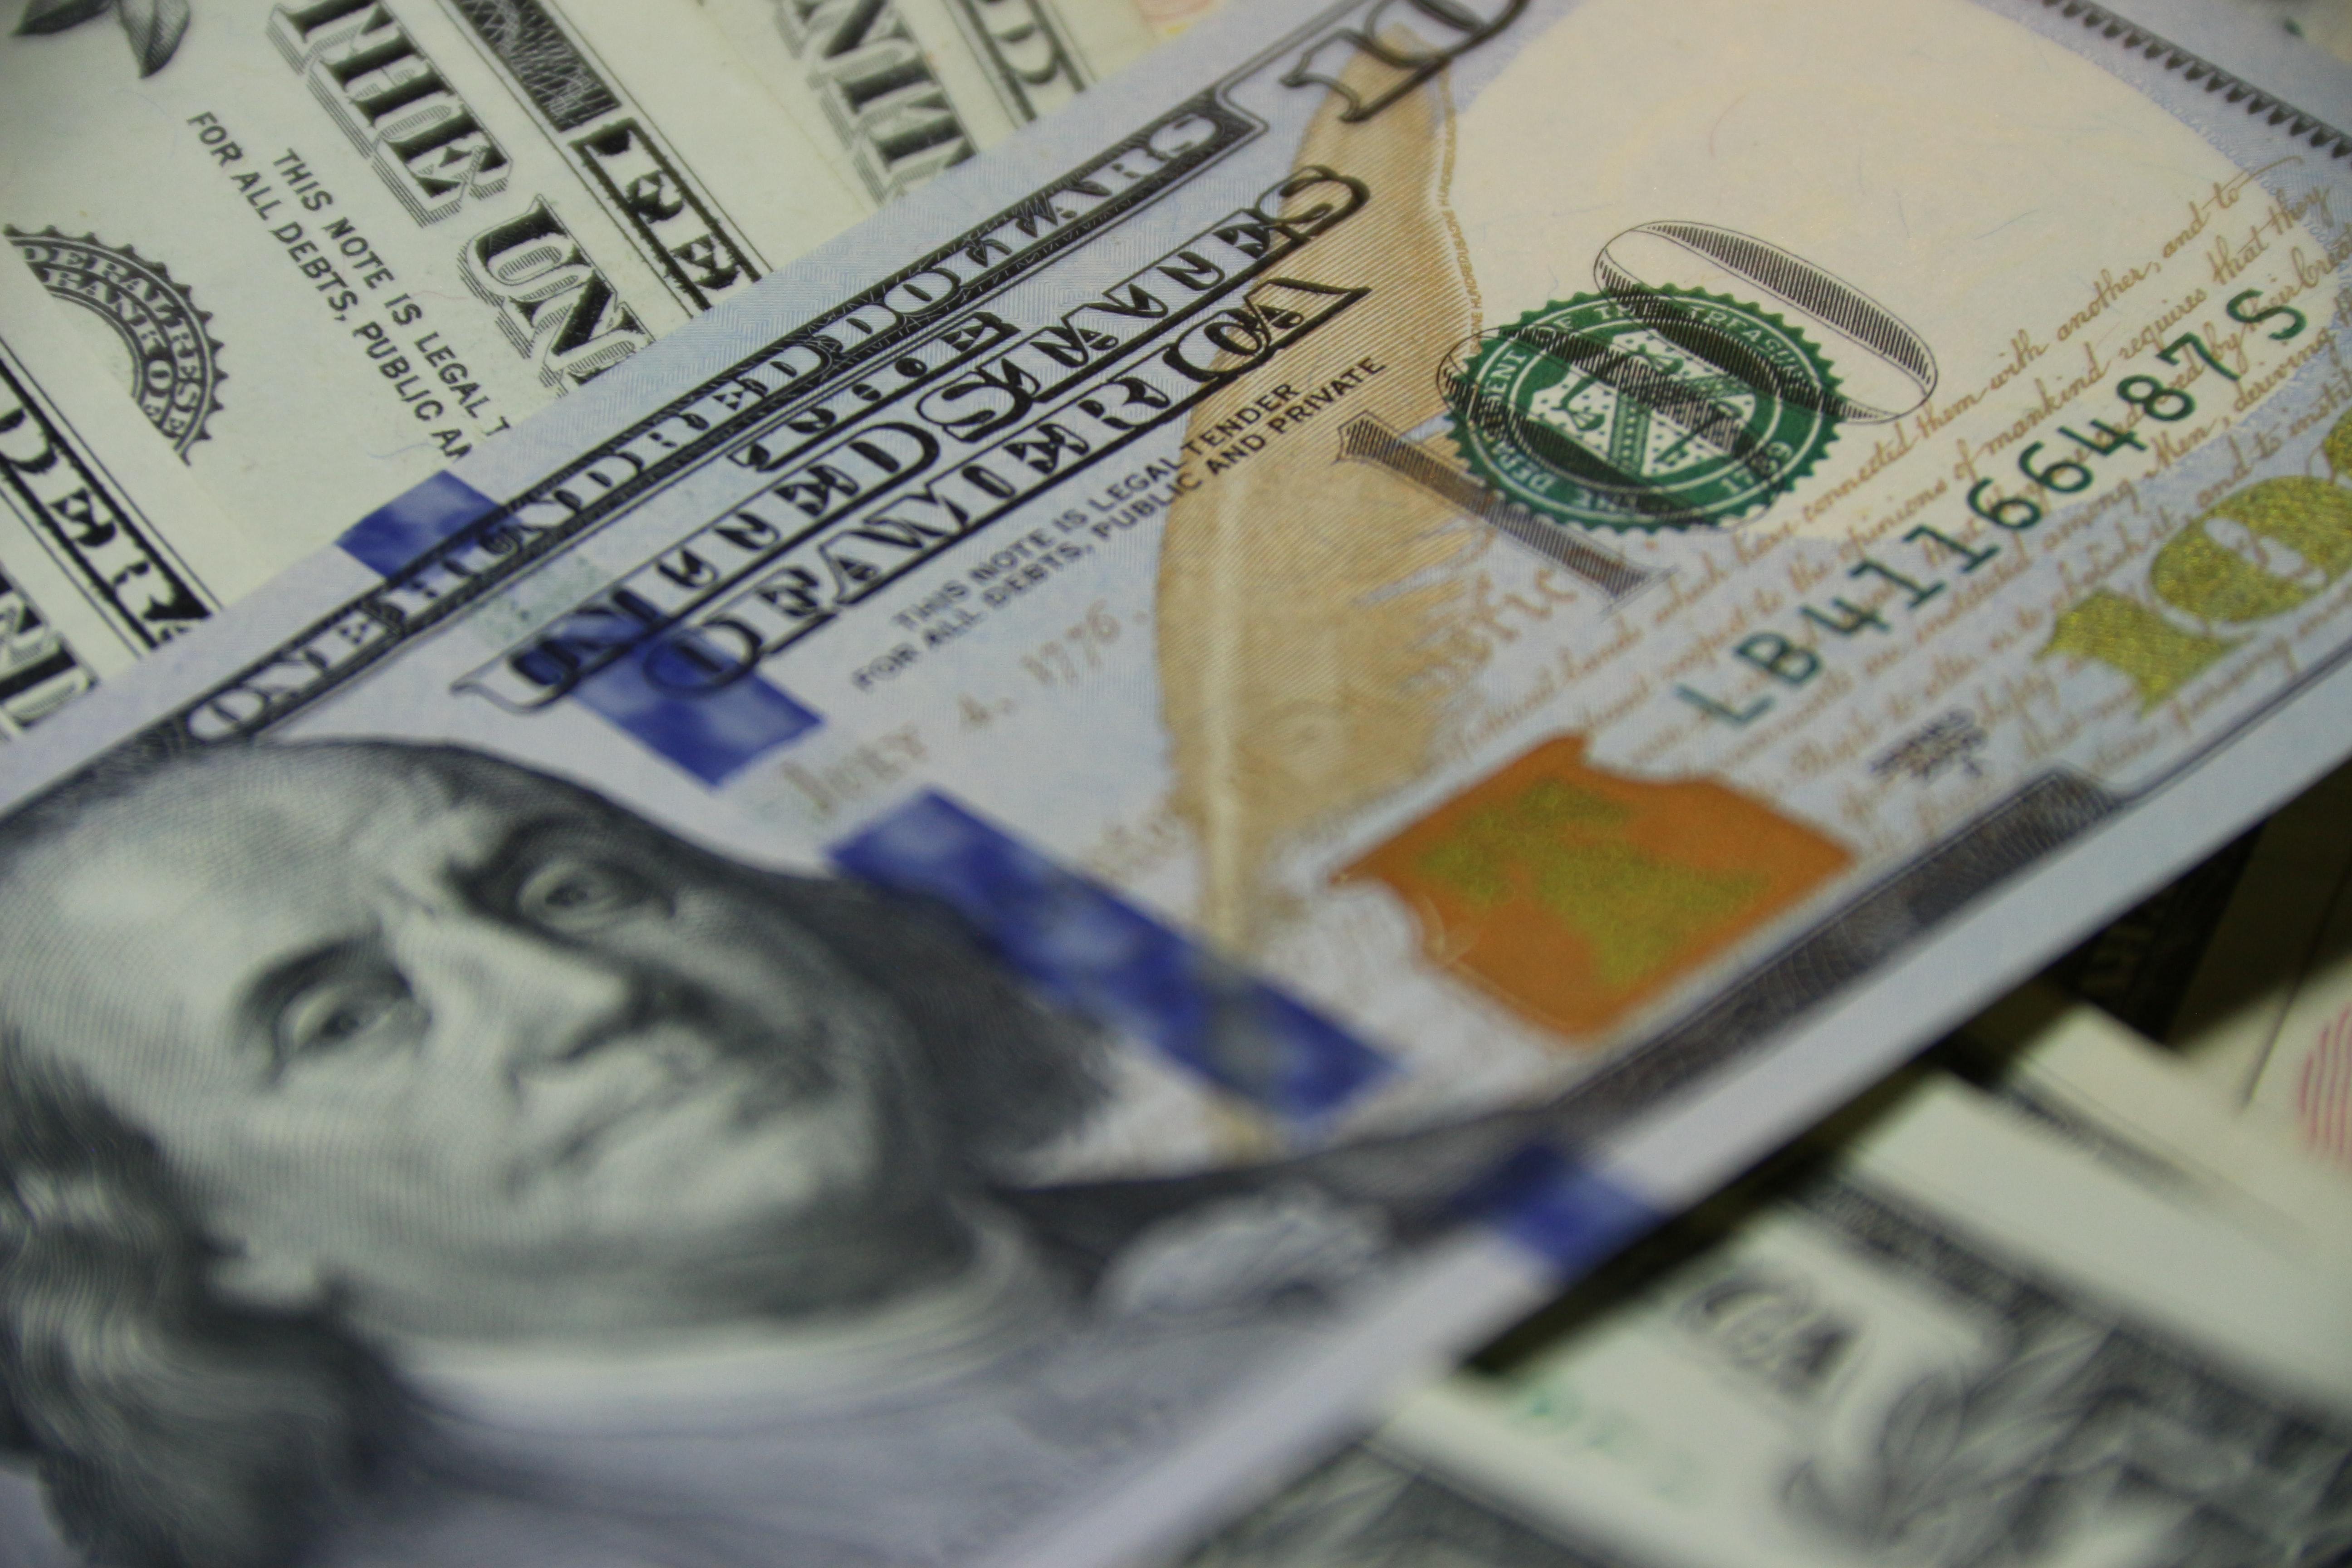 dolar tipo de cambio inversion